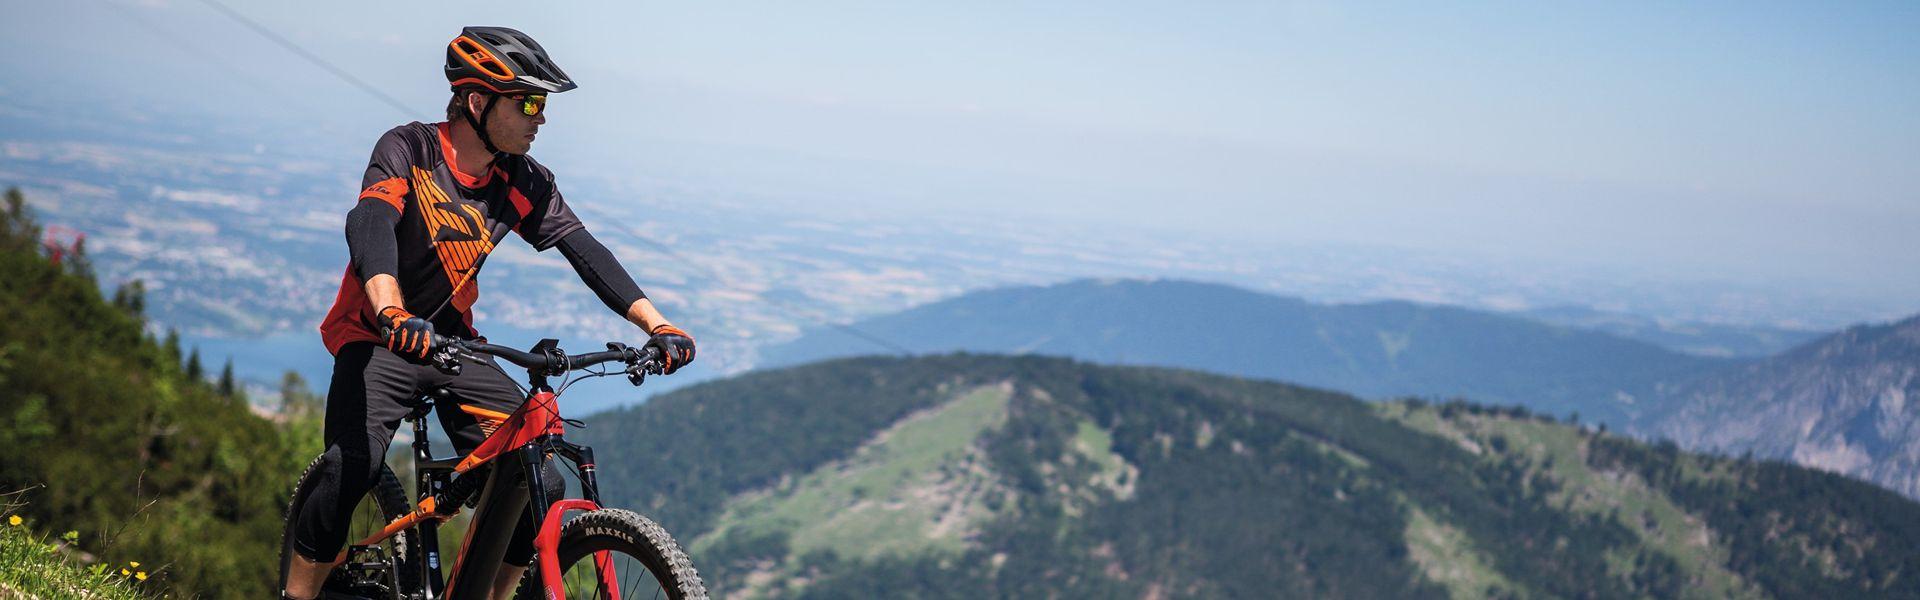 KTM mountainbike kerékpárok